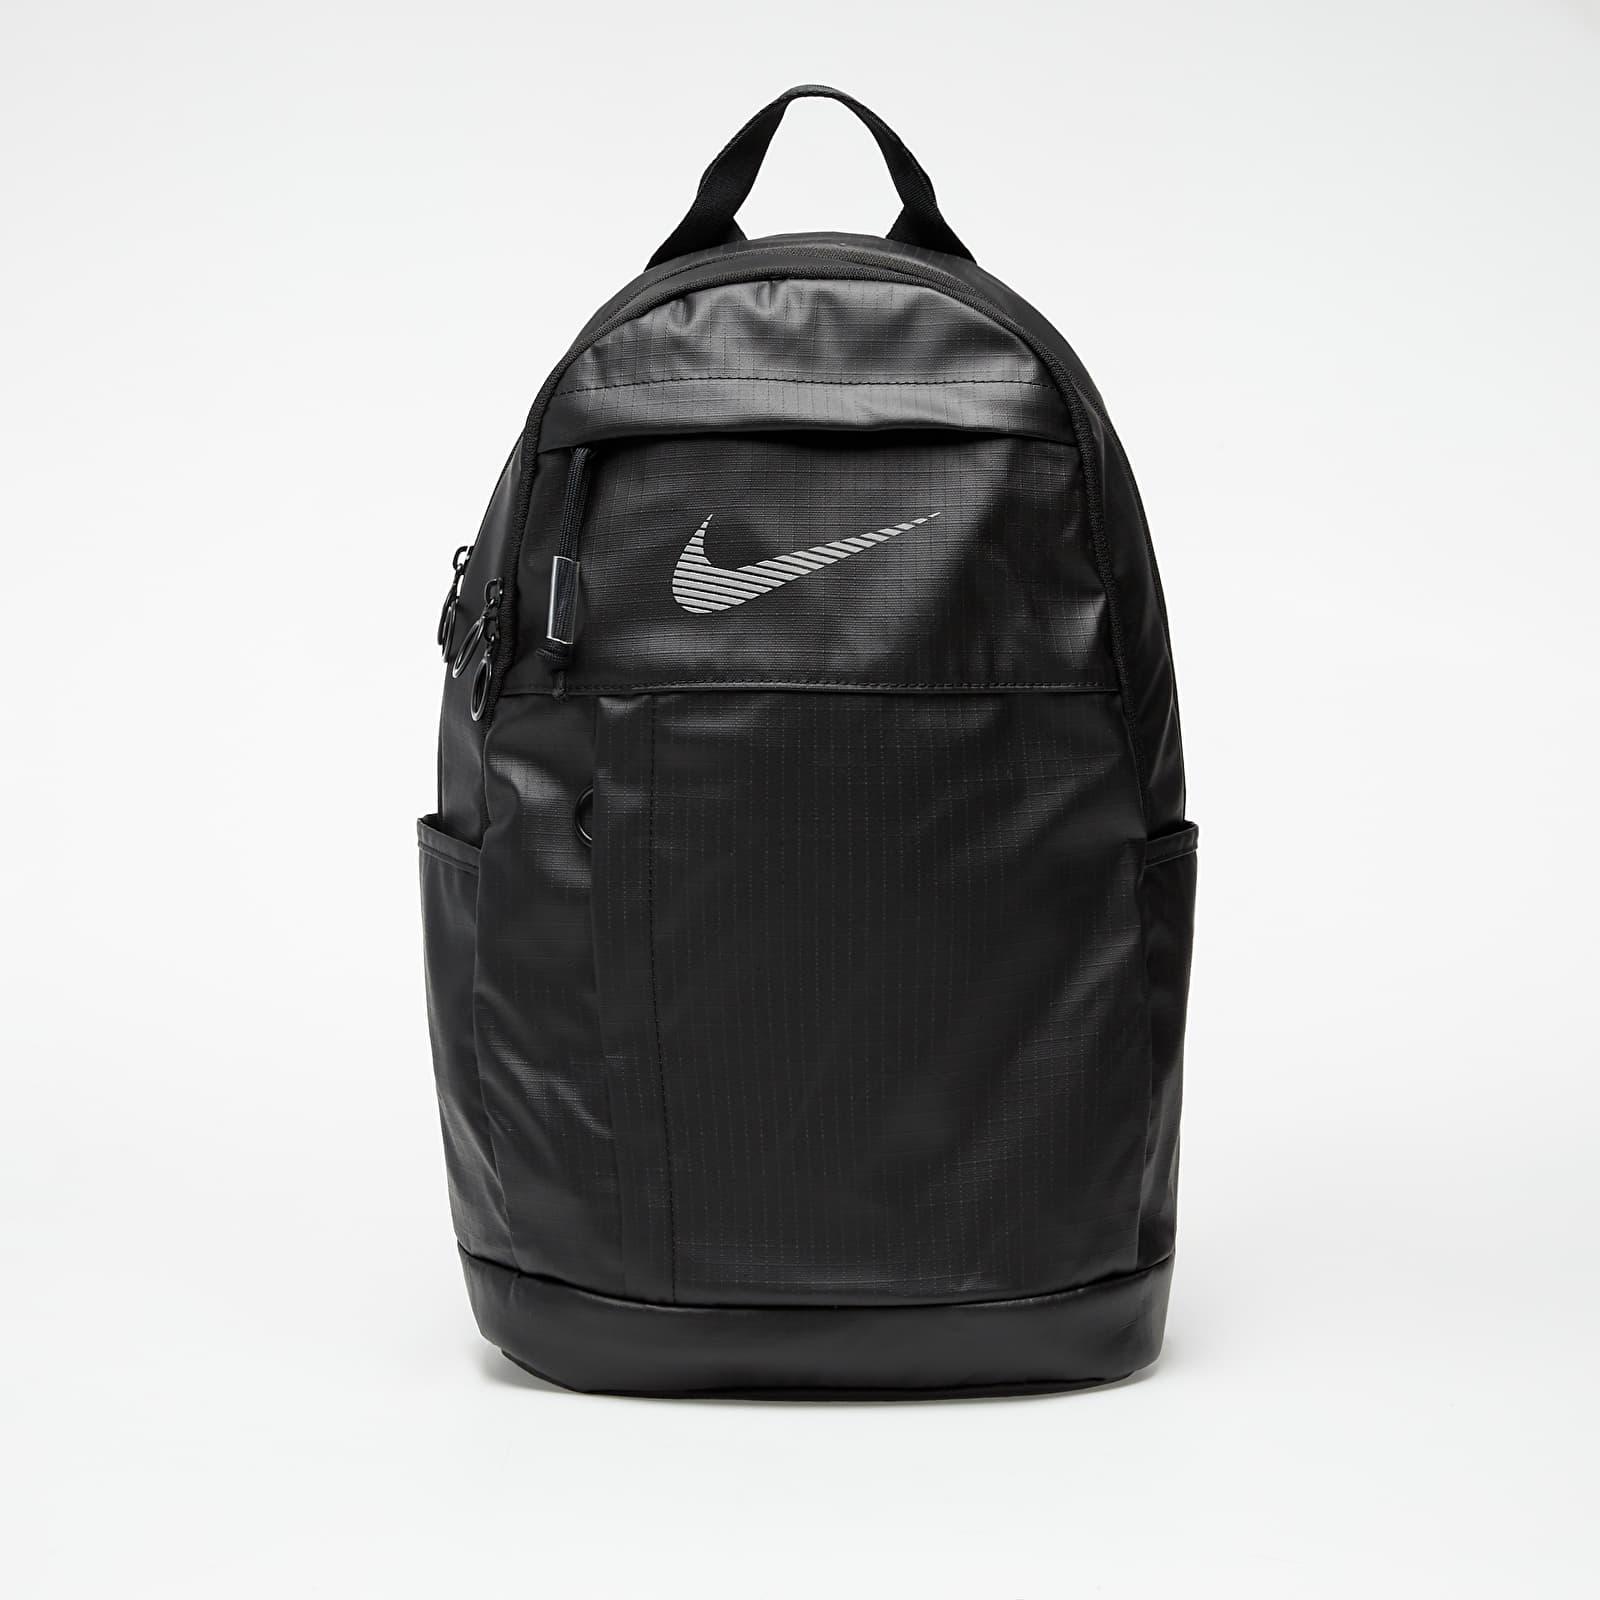 Backpacks Nike Sportswear Backpack Black/ Black/ Reflective